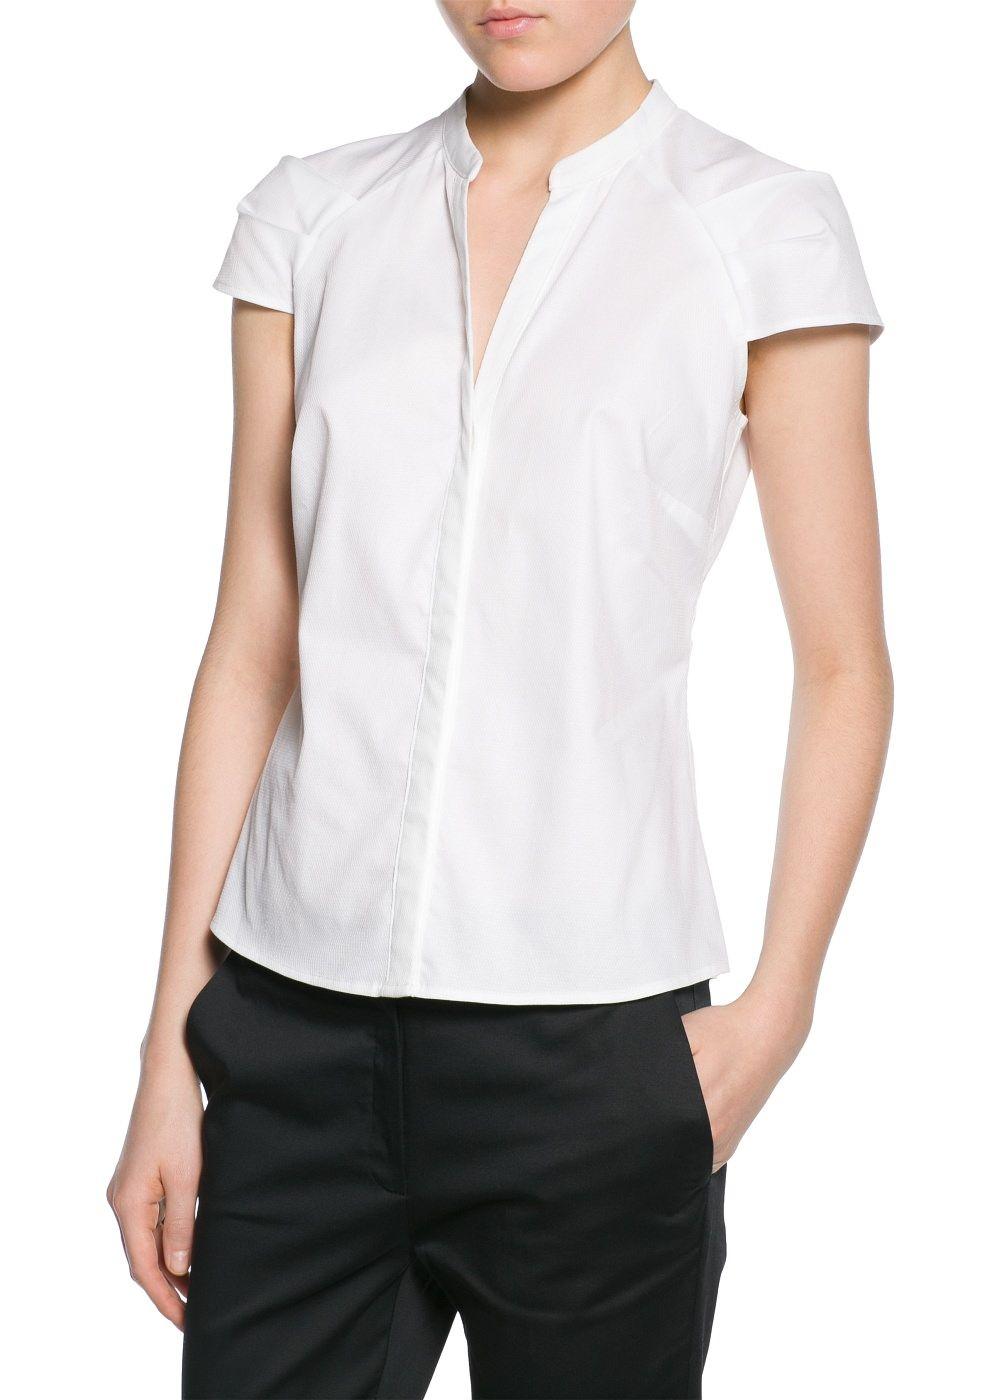 best sneakers 6545f 73068 Camicia avvitata cotone - Bluse e camicie da Donna | OUTLET ...